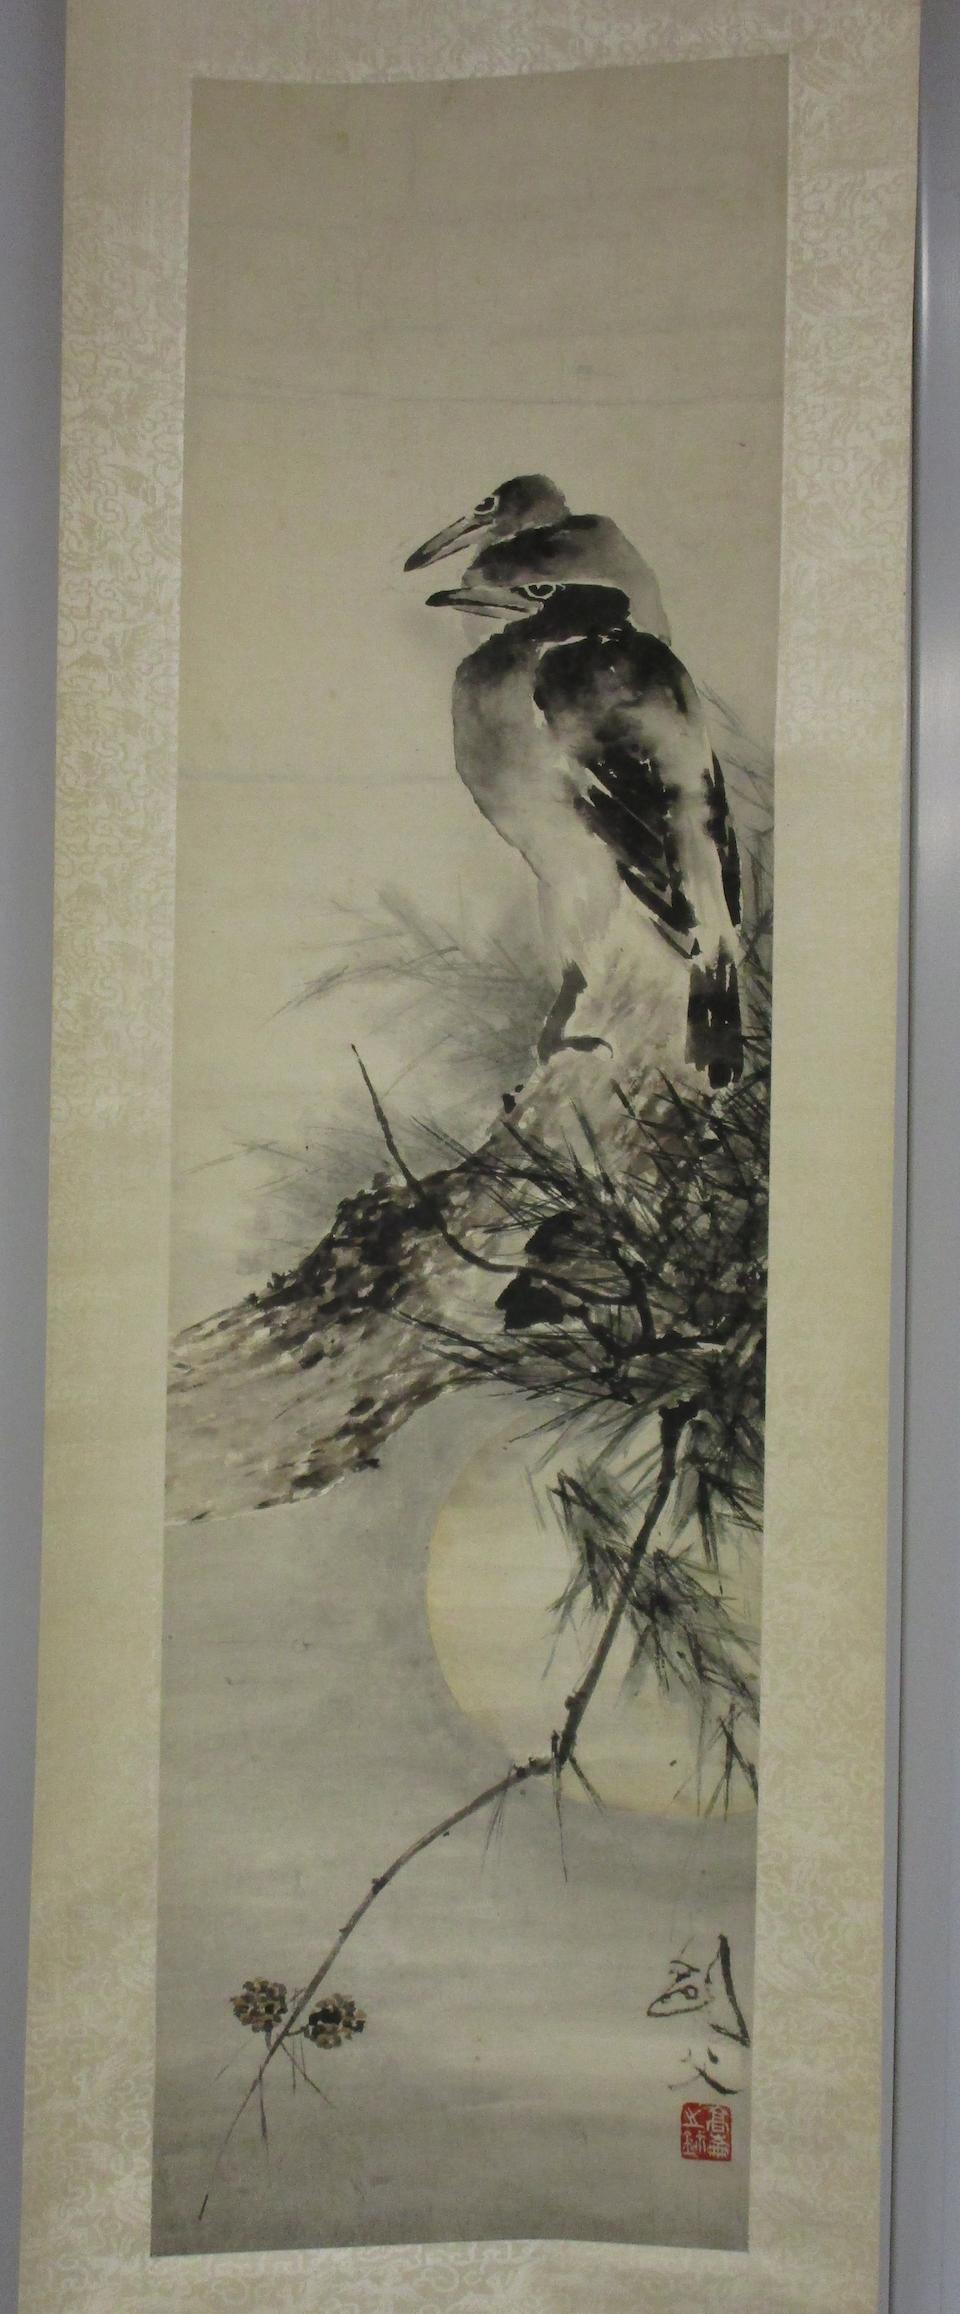 Gao Jianfu (1879-1950)  Crows in Moonlight